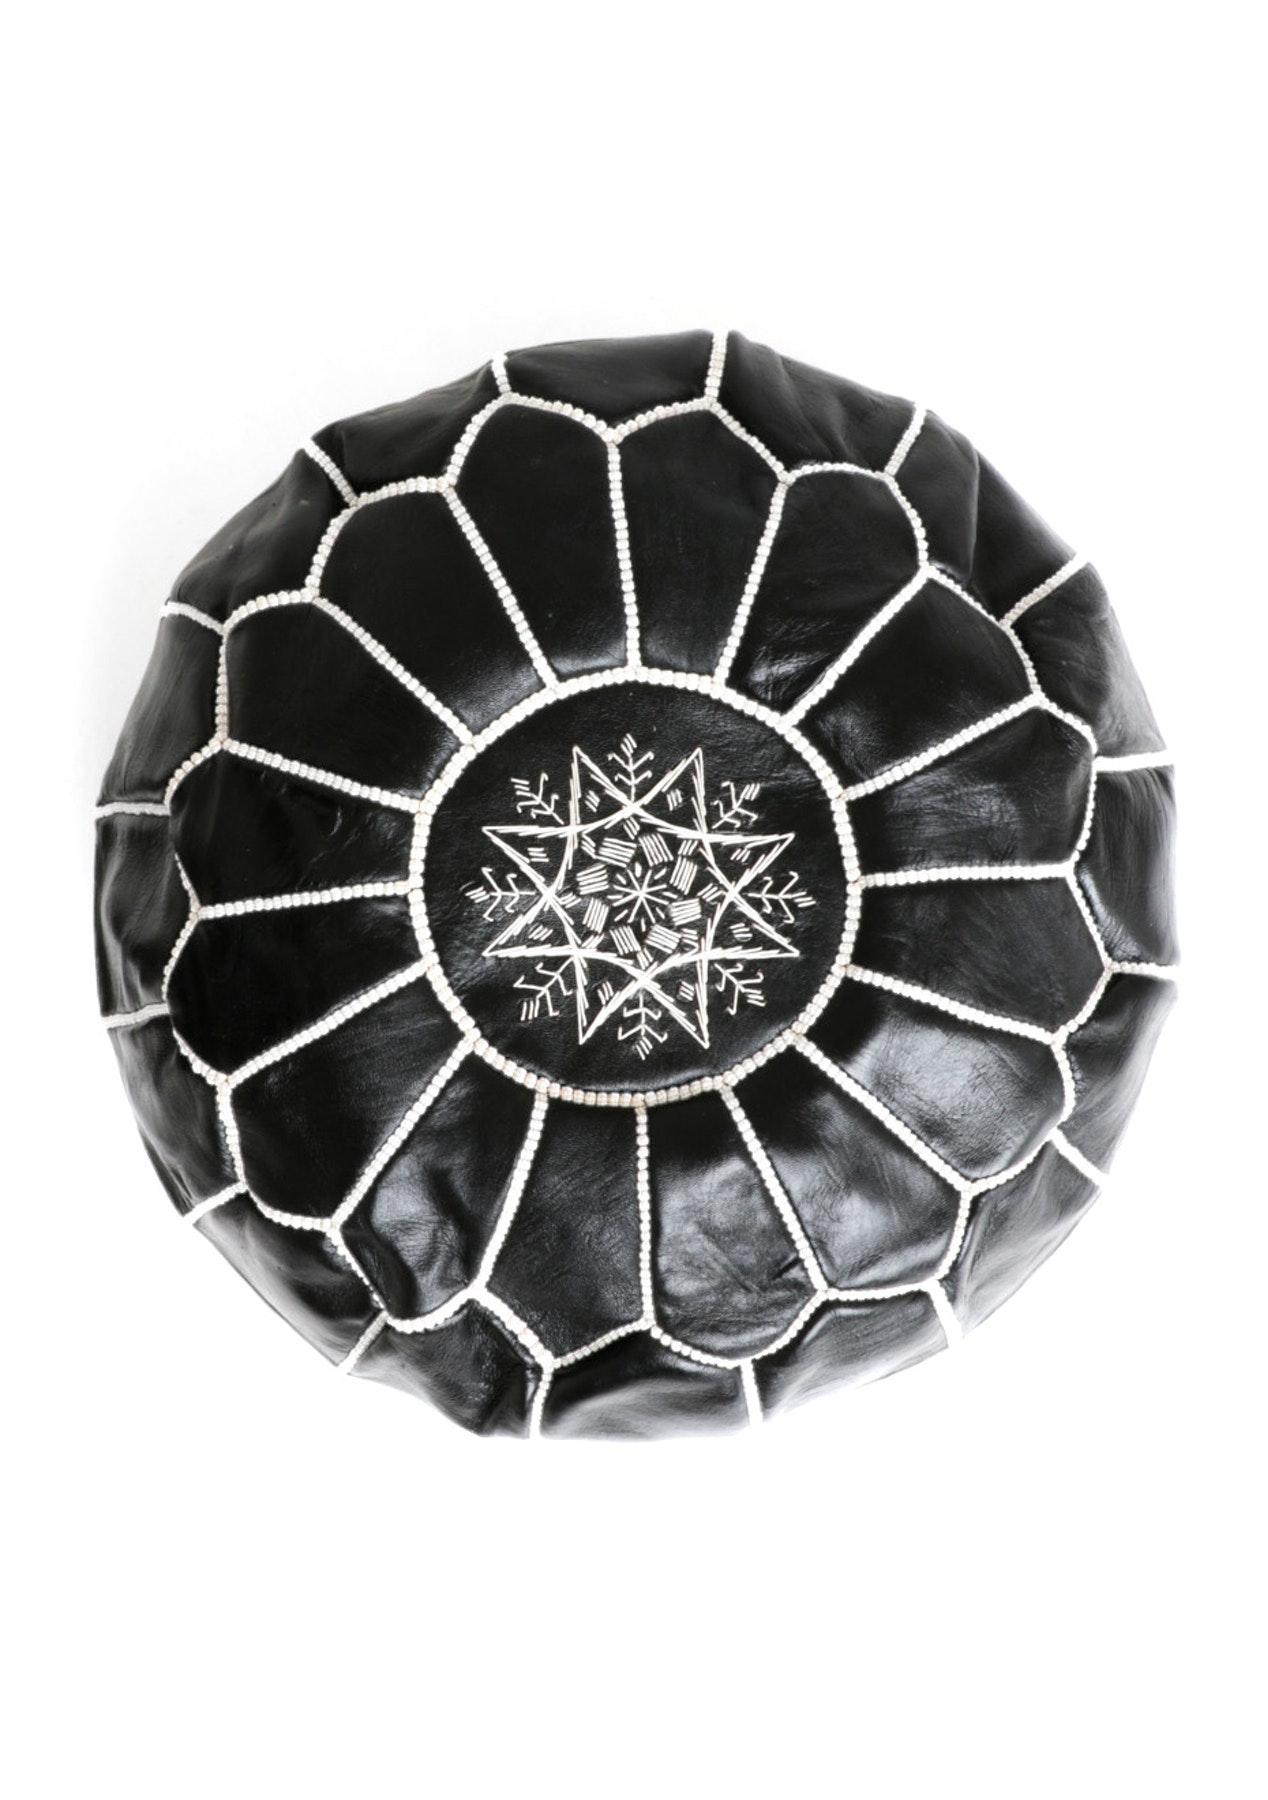 Moroccan Pouf - Black w White Stitching